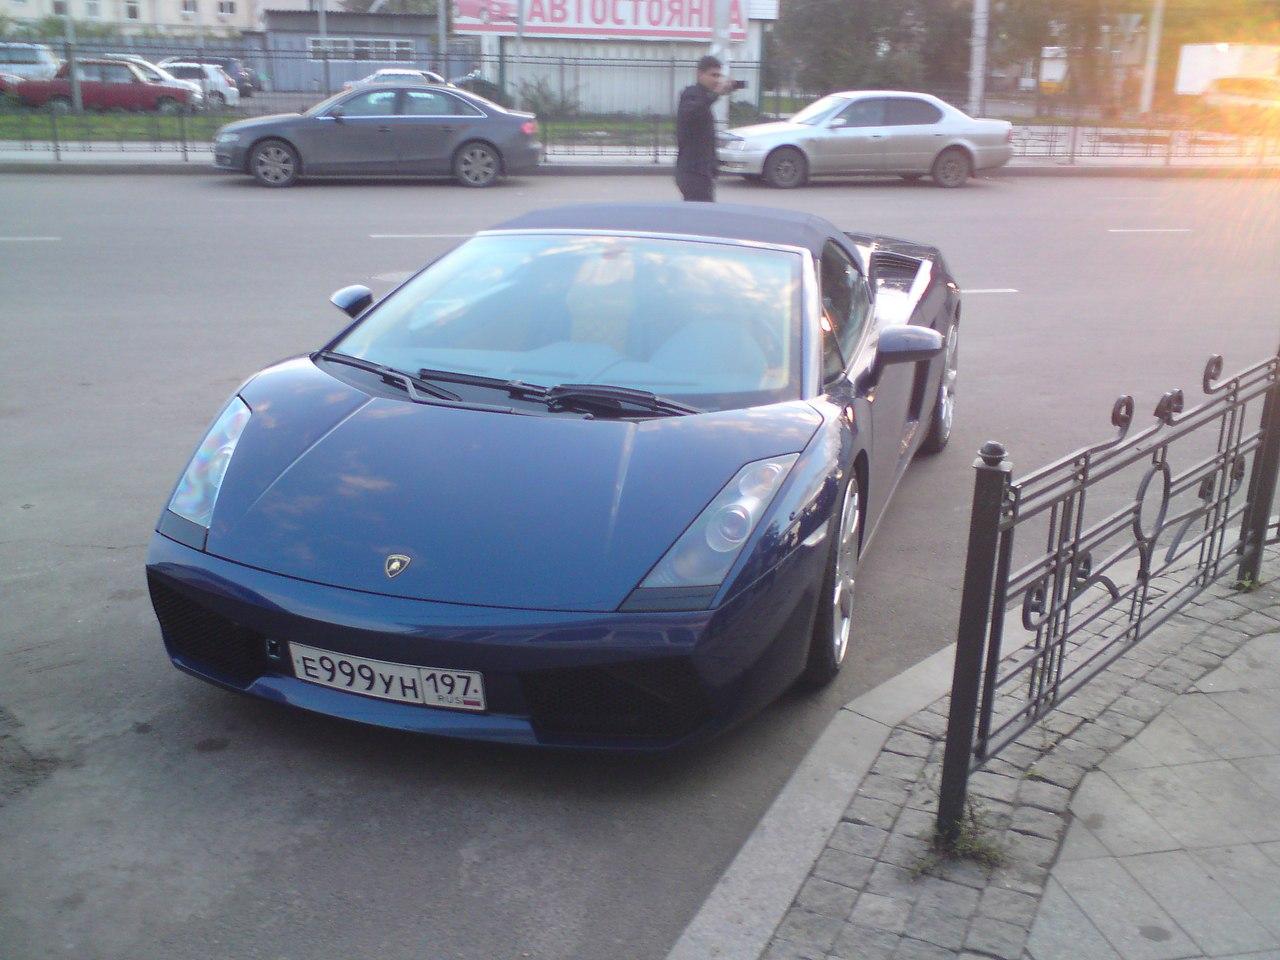 ламборджини в иркутске фото